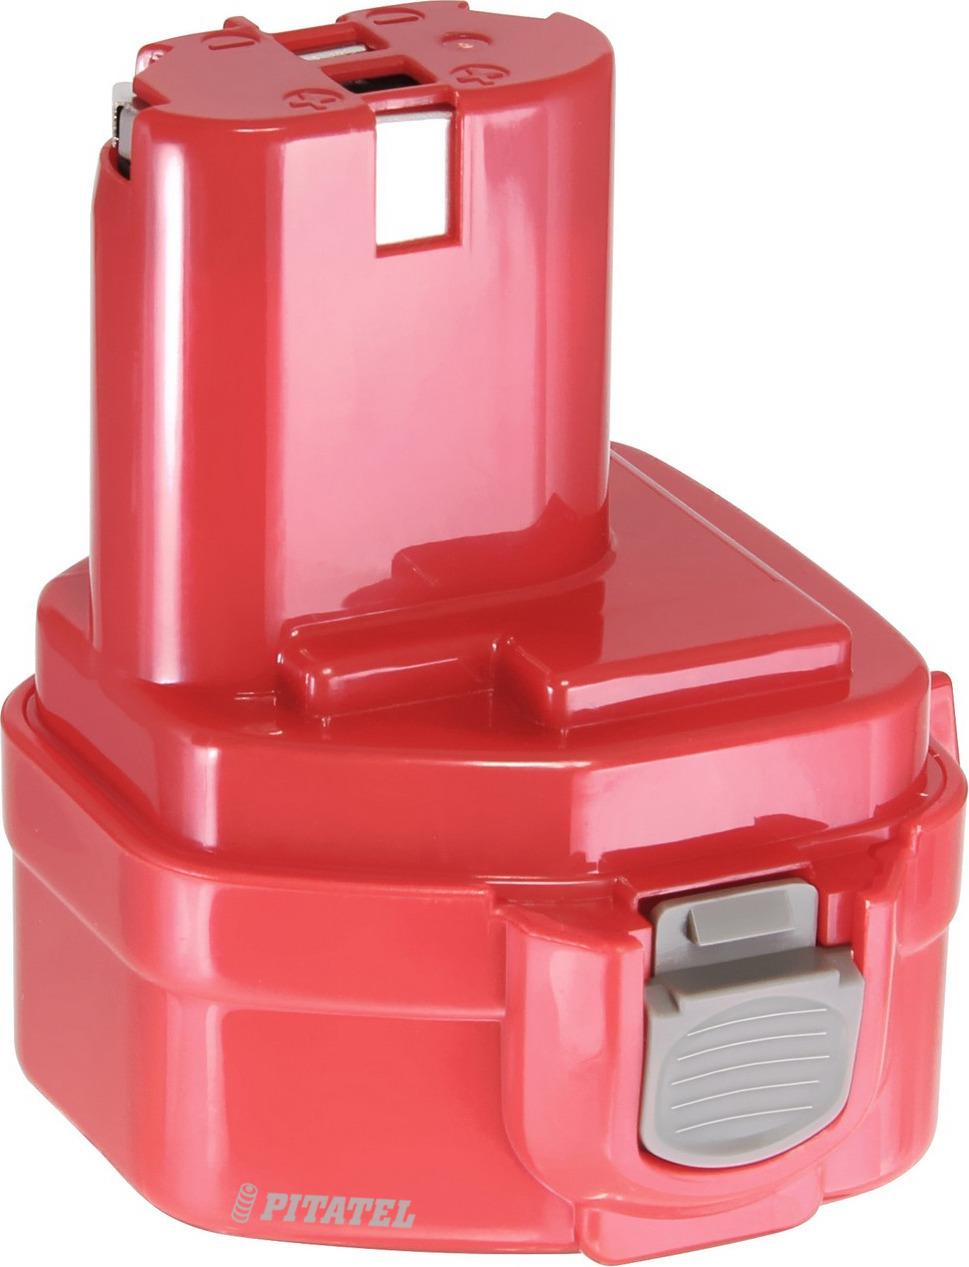 Аккумулятор для инструмента Pitatel для MAKITA. TSB-039-MAK12-33M pa12 pa12m